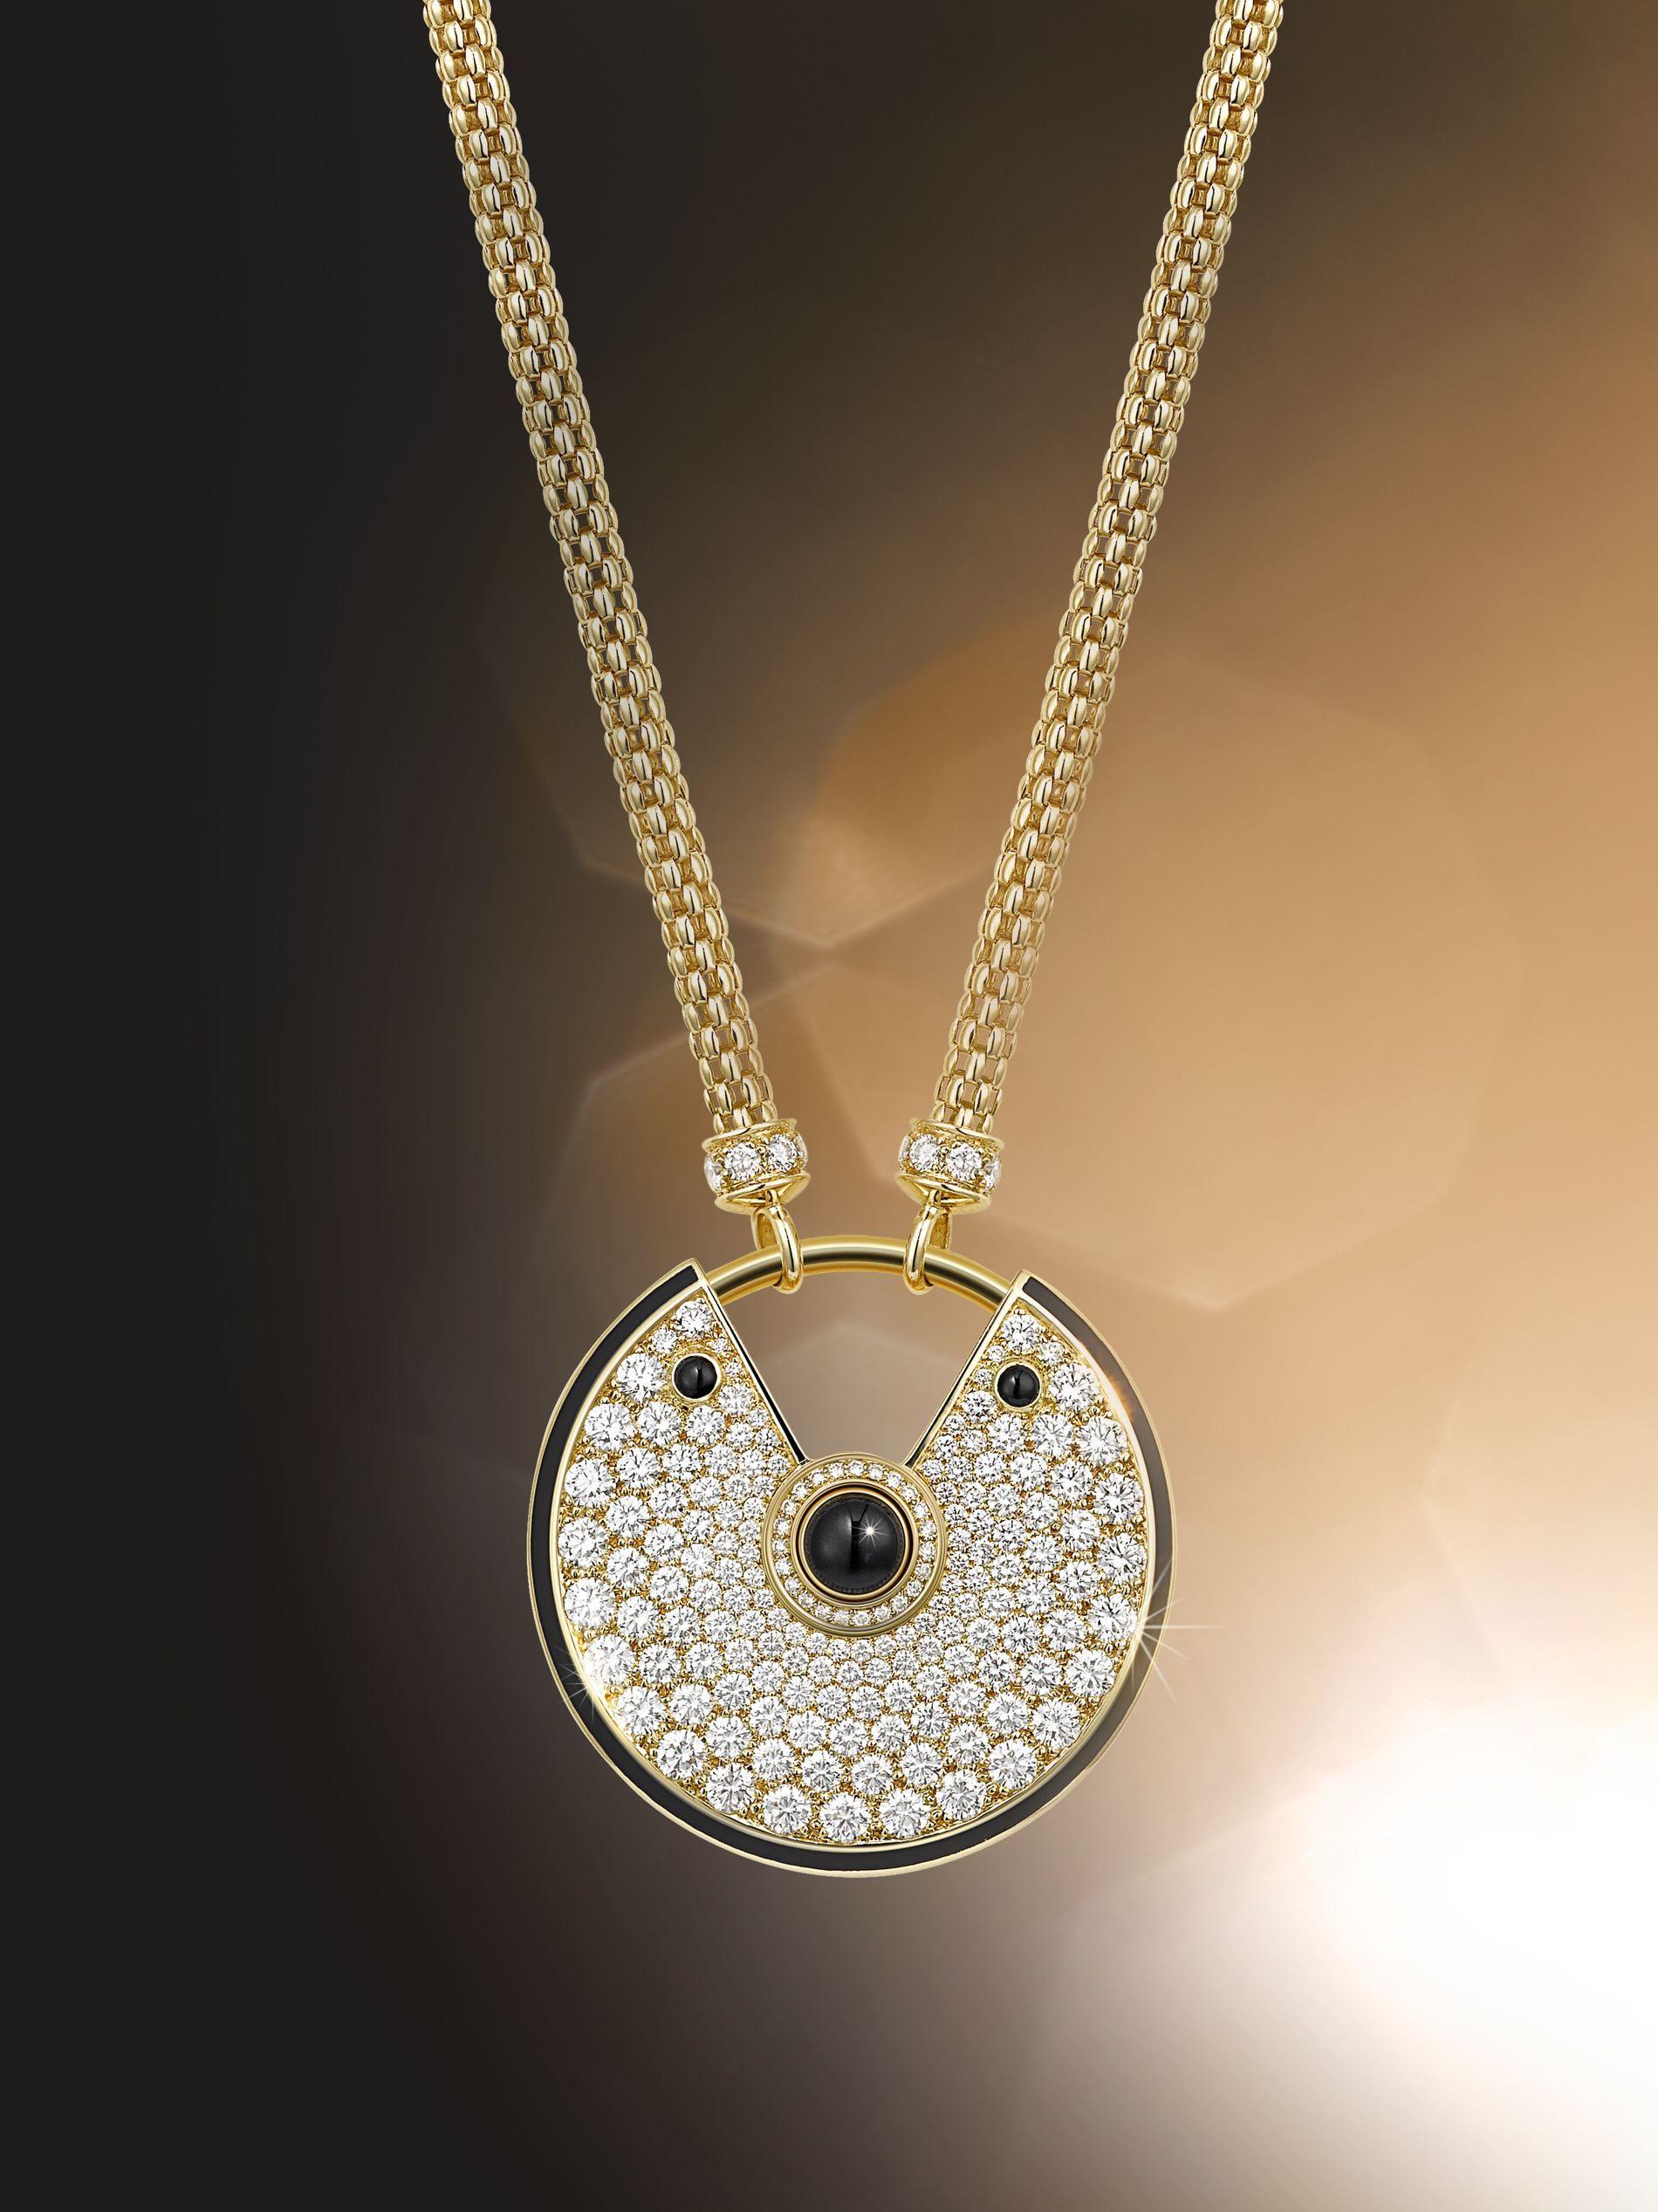 Cartier Launches New Amulette De Cartier Collection